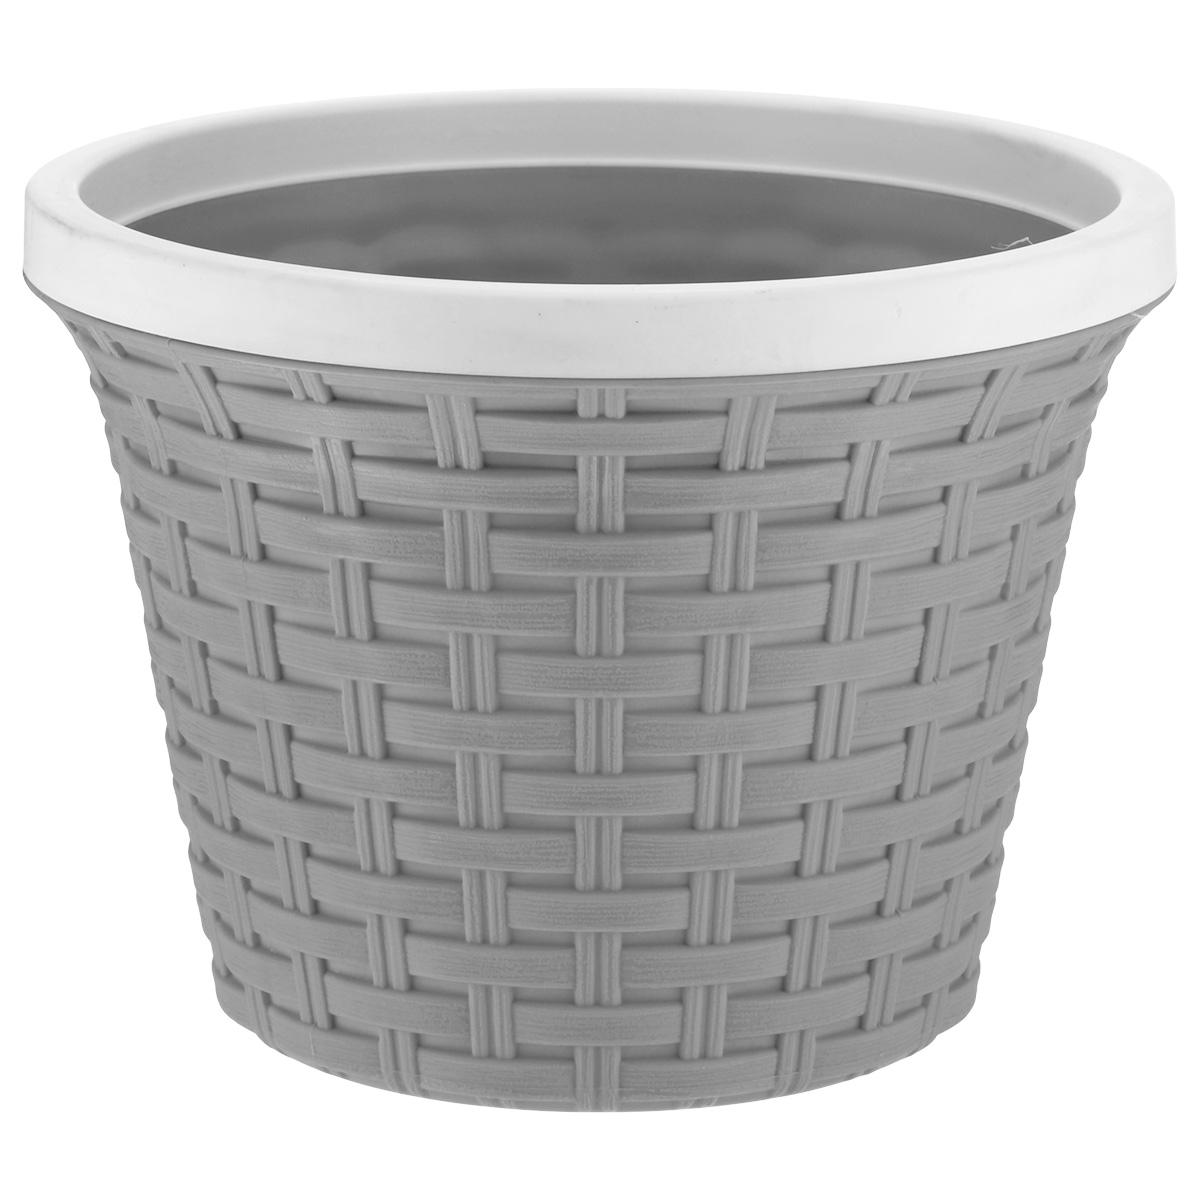 Кашпо круглое Violet Ротанг, с дренажной системой, цвет: серый, 3,4 л32340/8Круглое кашпо Violet Ротанг изготовлено из высококачественного пластика и оснащено дренажной системой для быстрого отведения избытка воды при поливе. Изделие прекрасно подходит для выращивания растений и цветов в домашних условиях. Лаконичный дизайн впишется в интерьер любого помещения.Объем: 3,4 л.